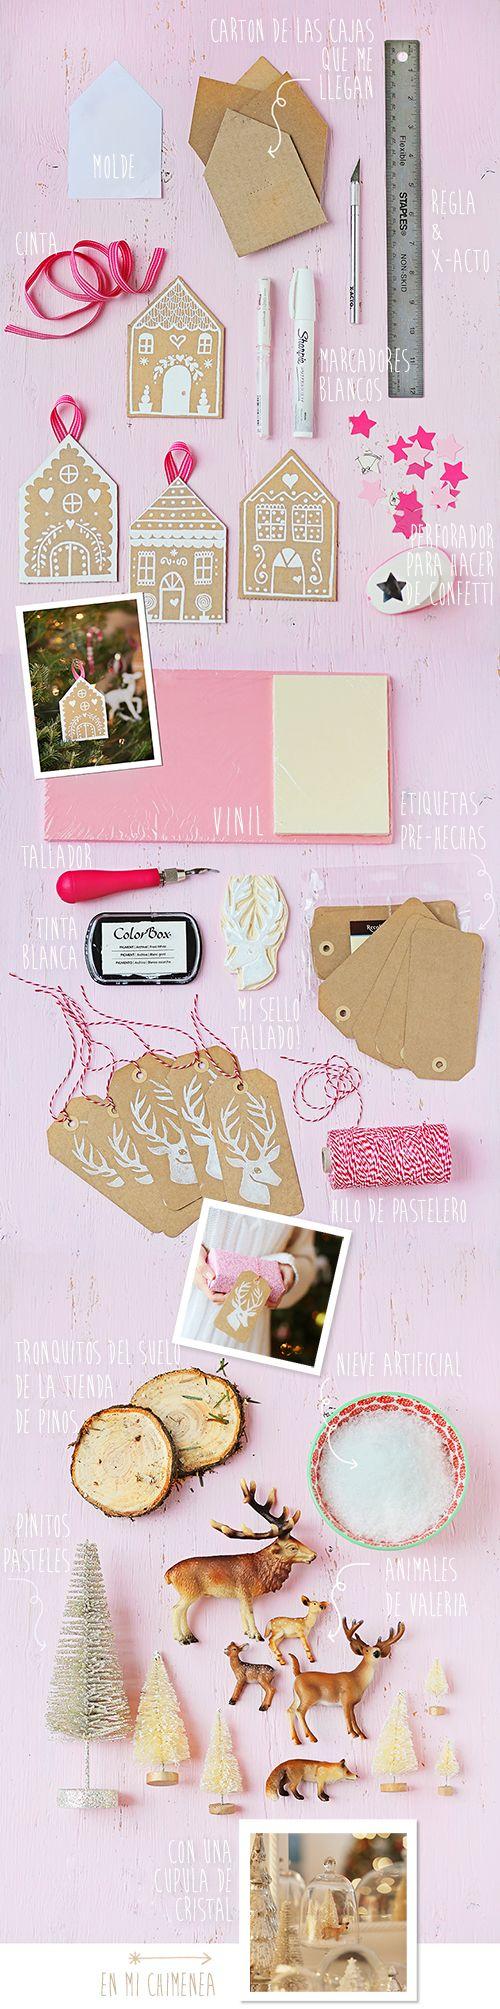 pink, kraft & white holiday